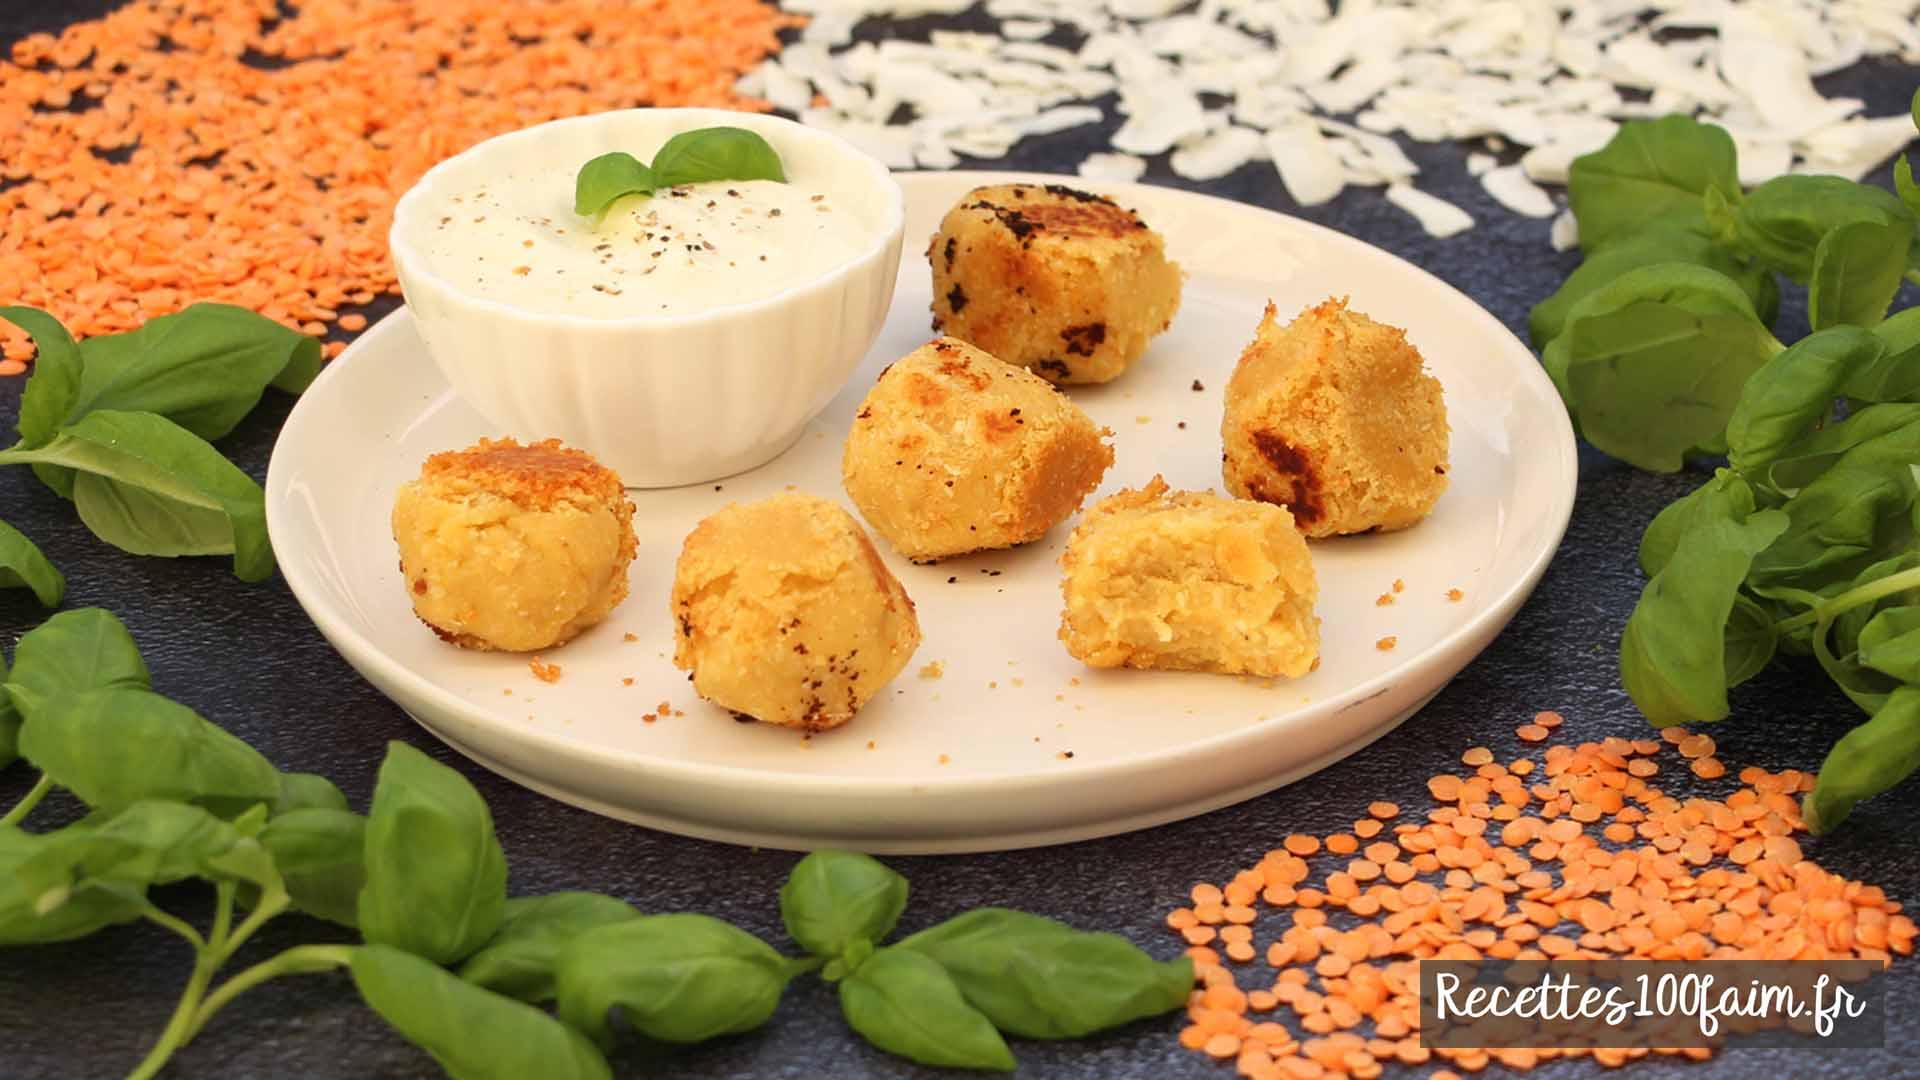 recette boulette lentille corail coco